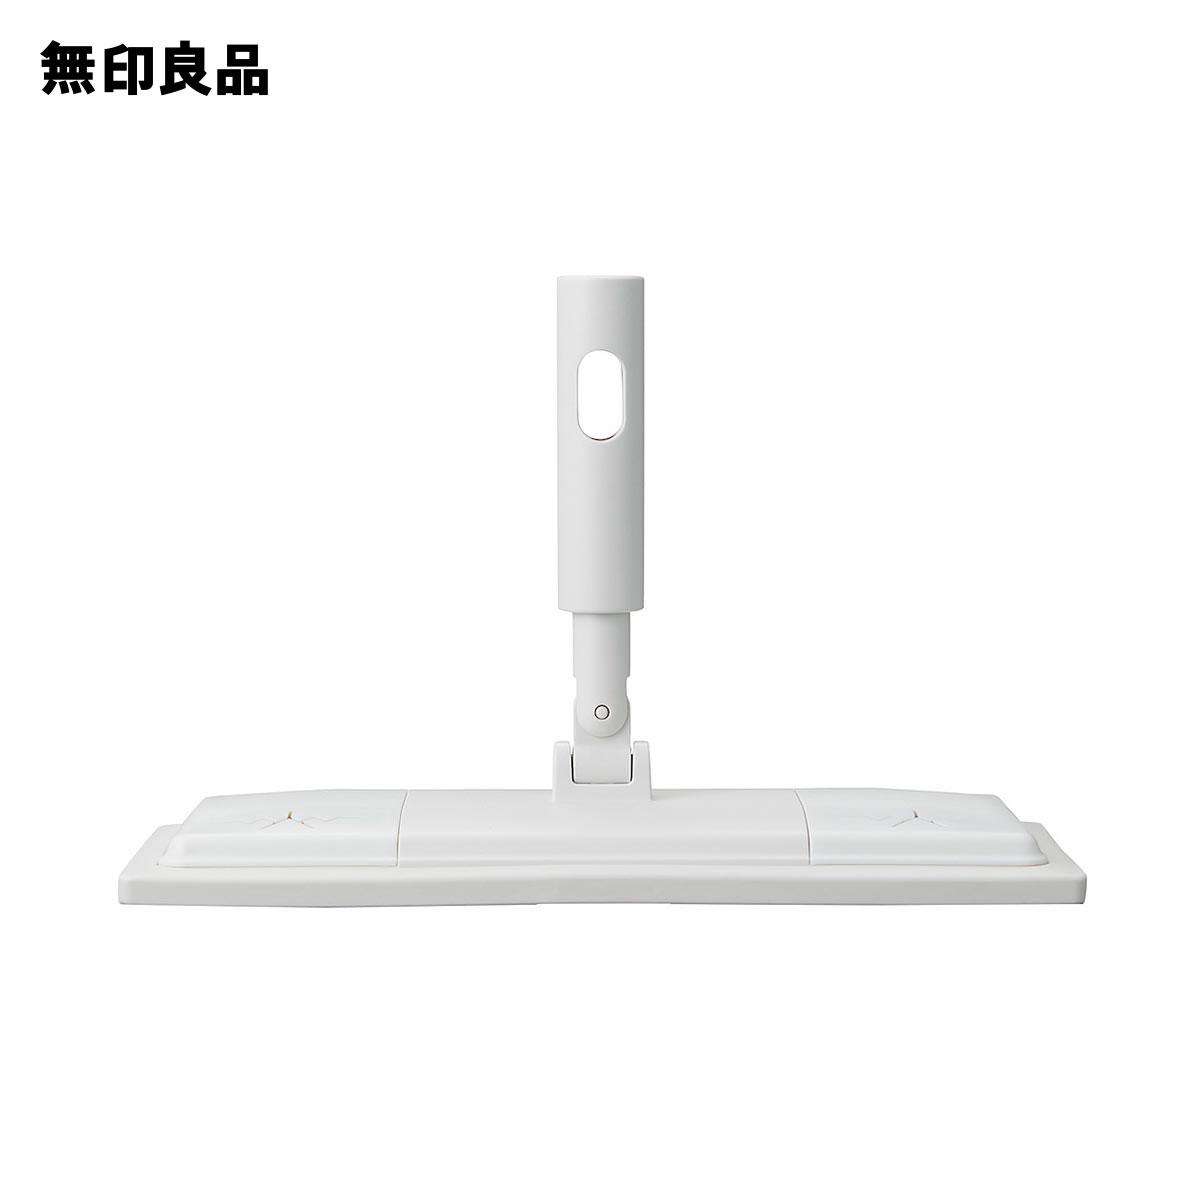 【無印良品 公式】 掃除用品システム・フローリングモップ